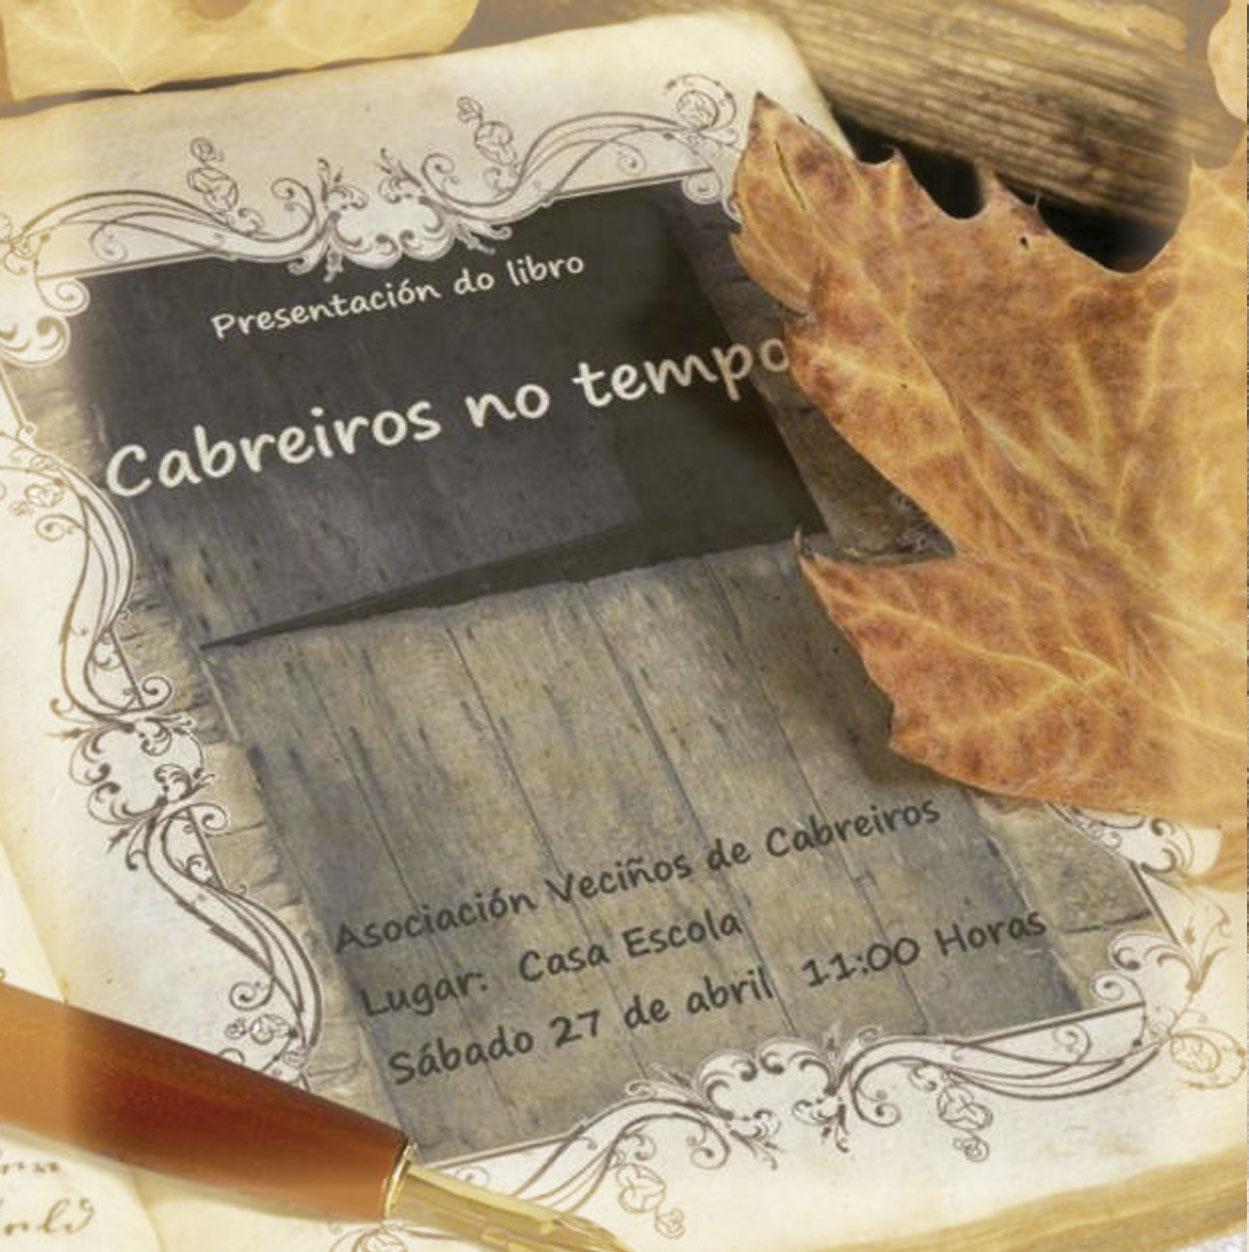 Sábado 27 presentación do libro, Cabreiros no tempo